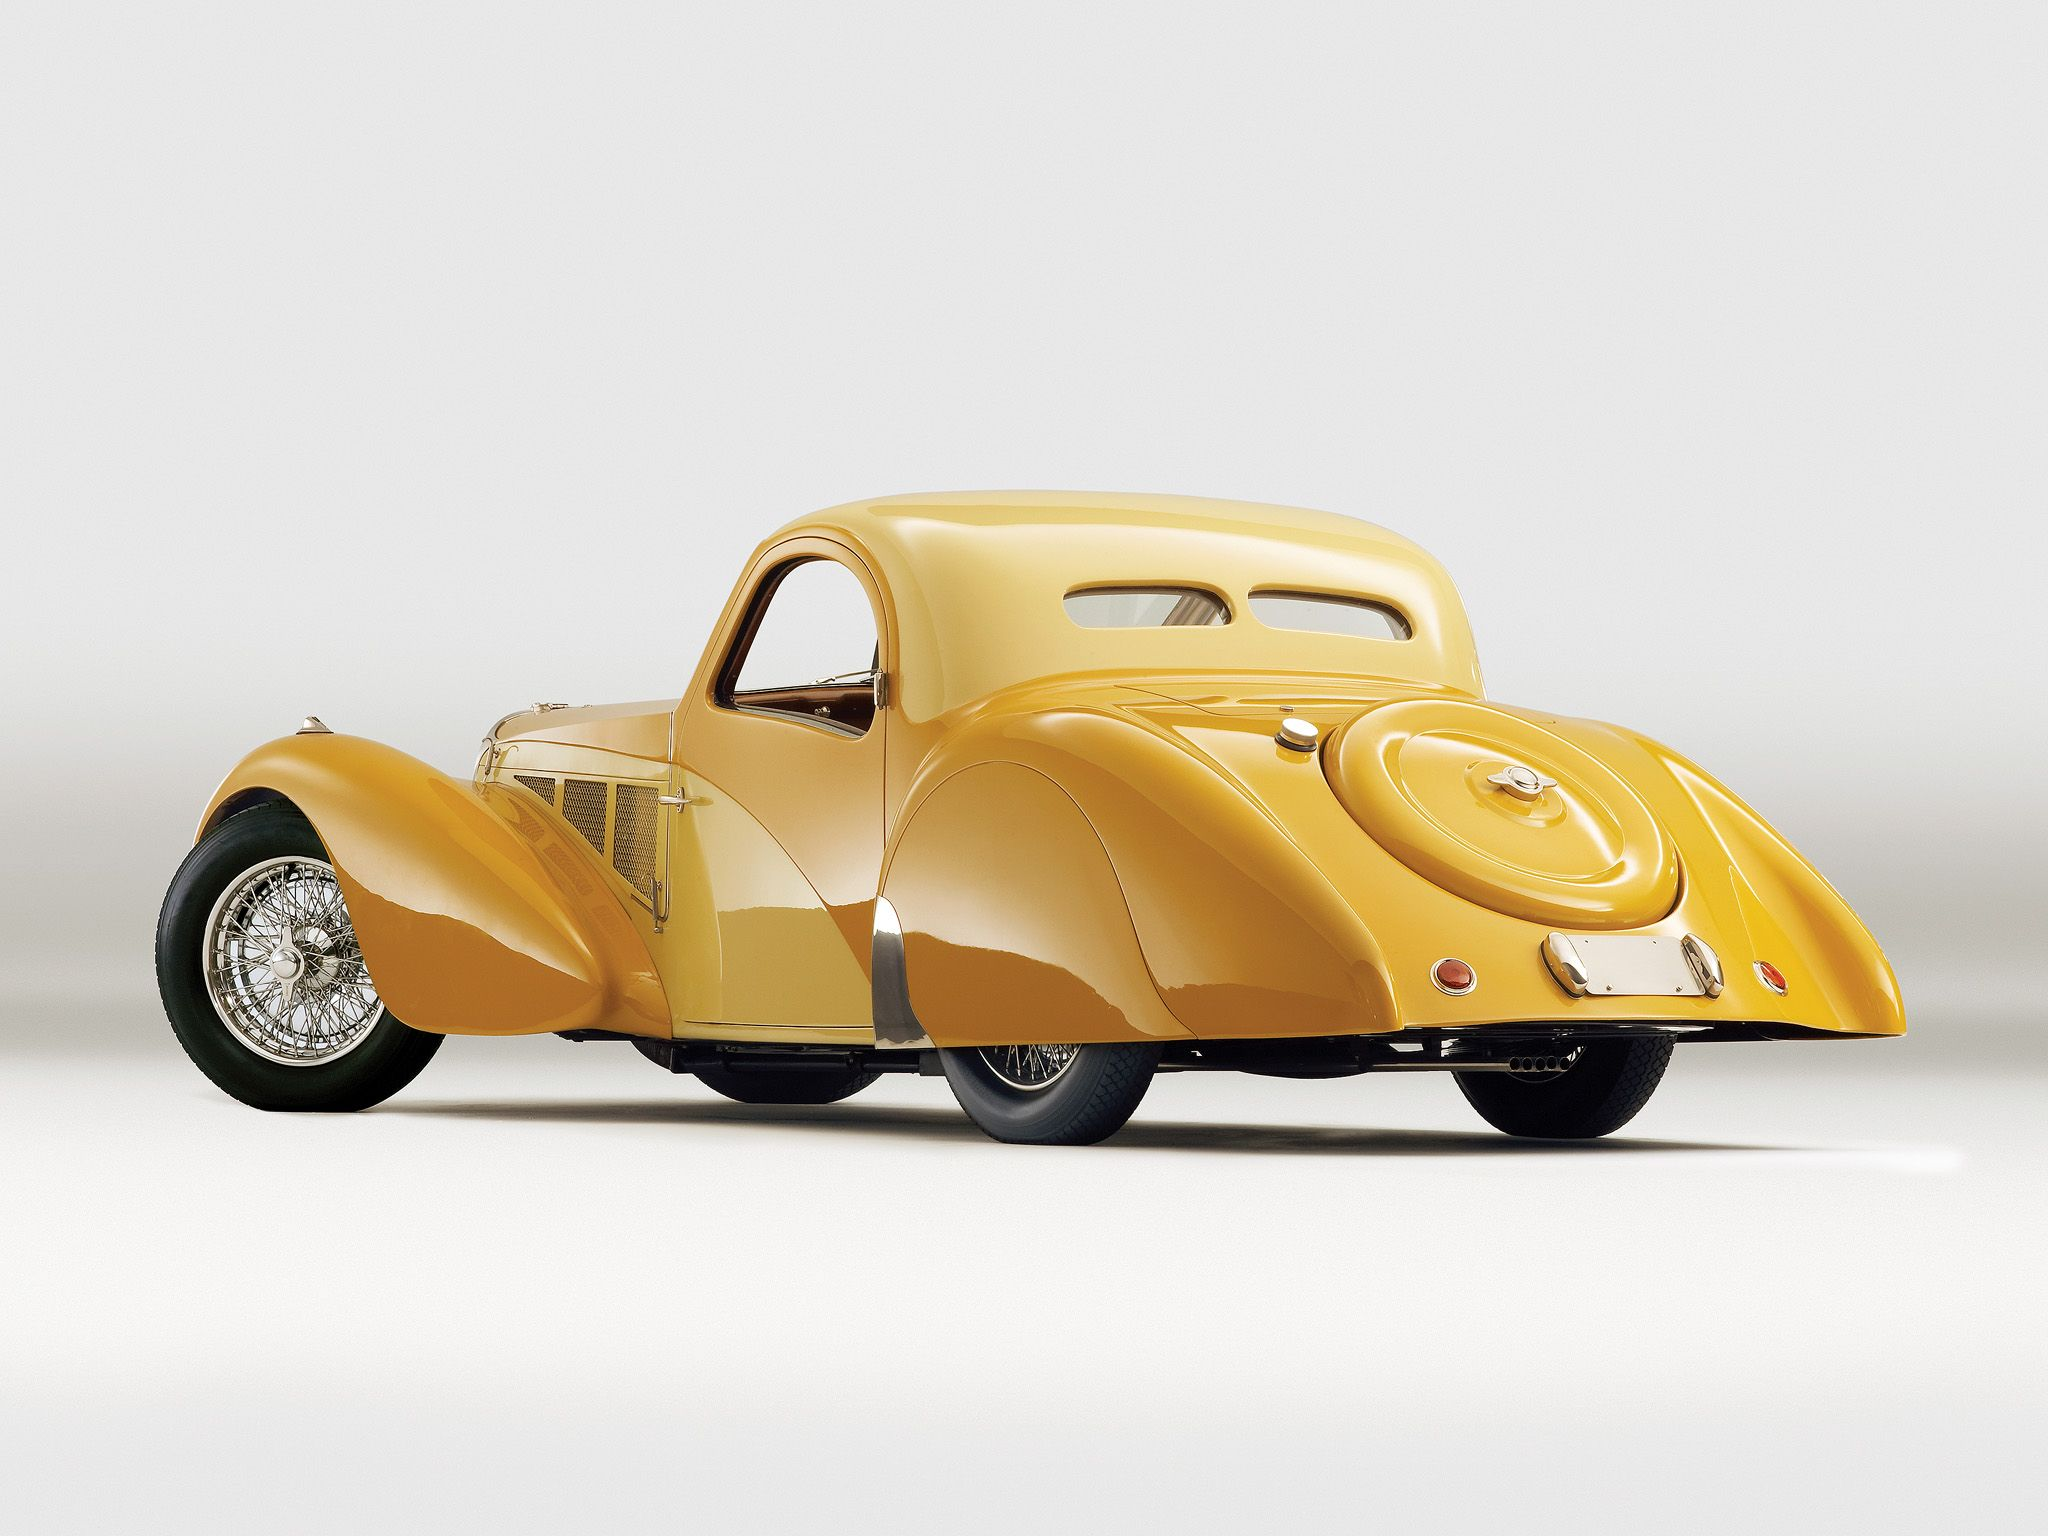 Captivating 1936 Bugatti Type 57SC Atalante Luxury